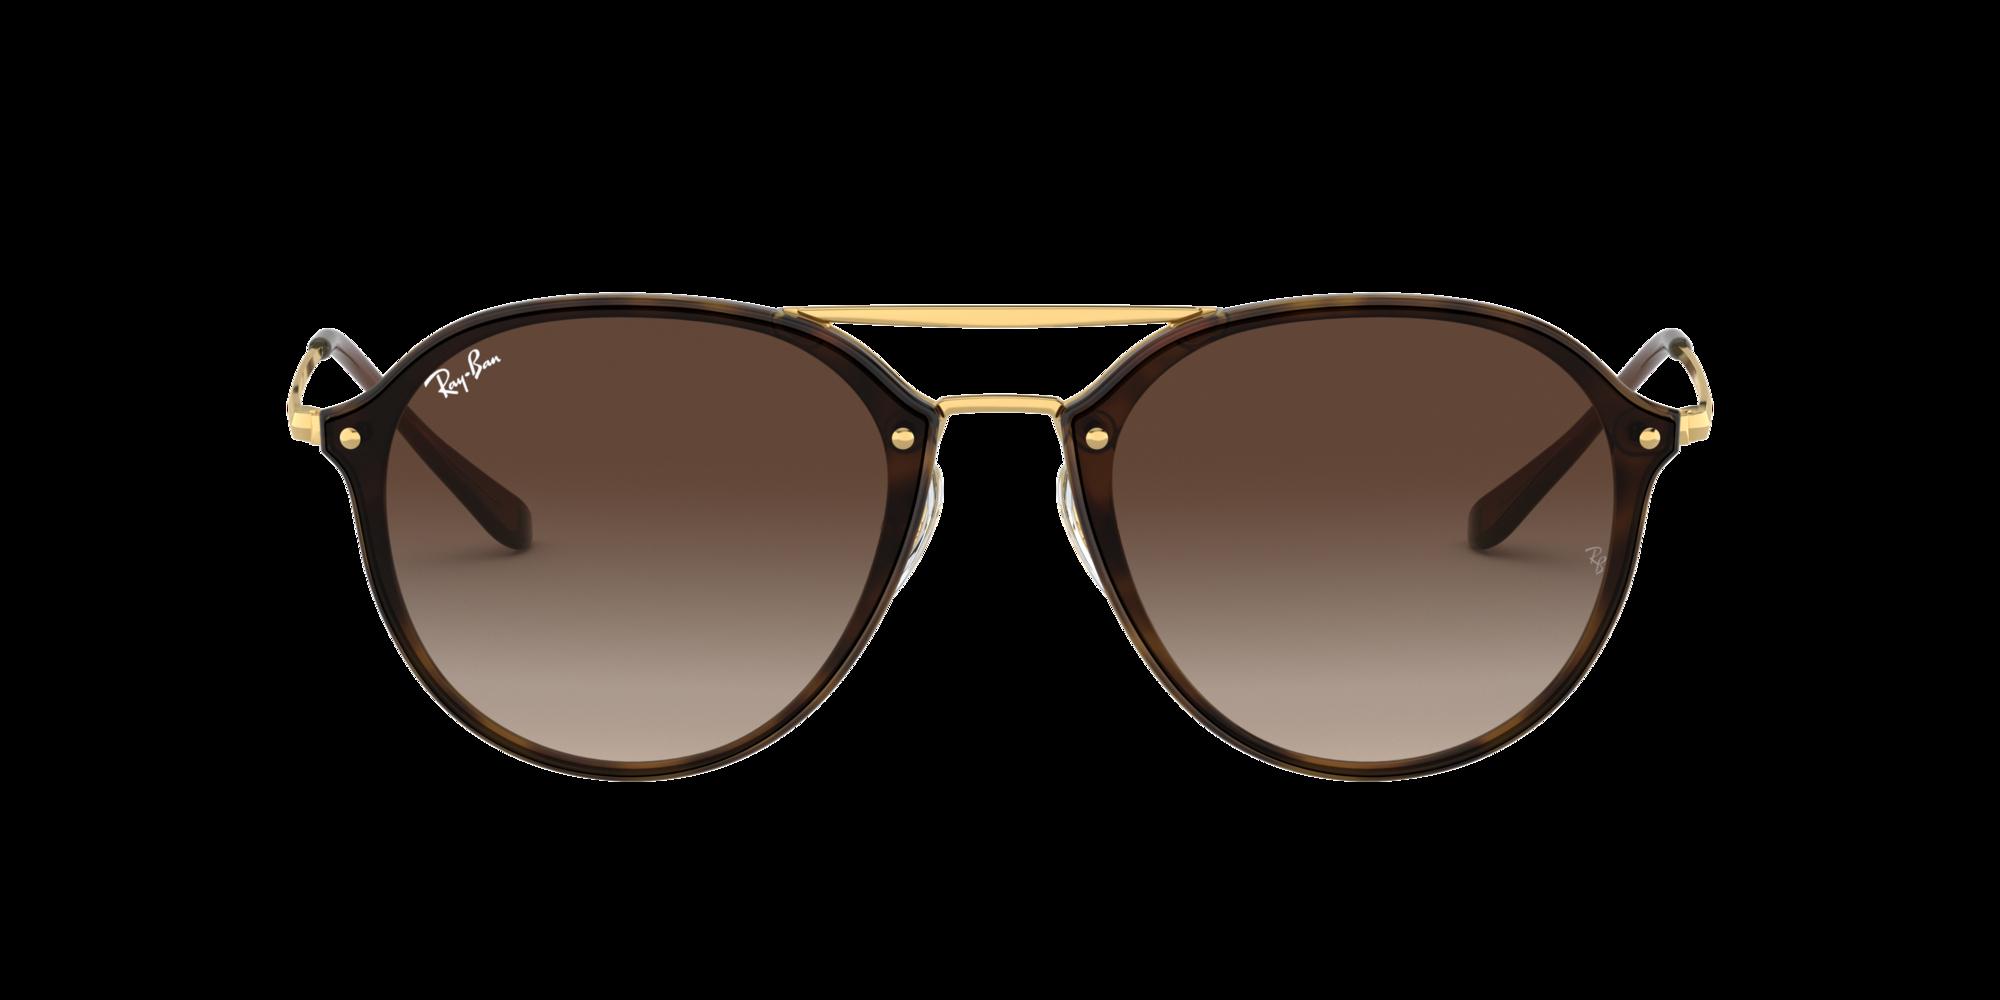 Imagen para RB4292N 62 BLAZE DOUBLEBRIDGE de LensCrafters |  Espejuelos, espejuelos graduados en línea, gafas